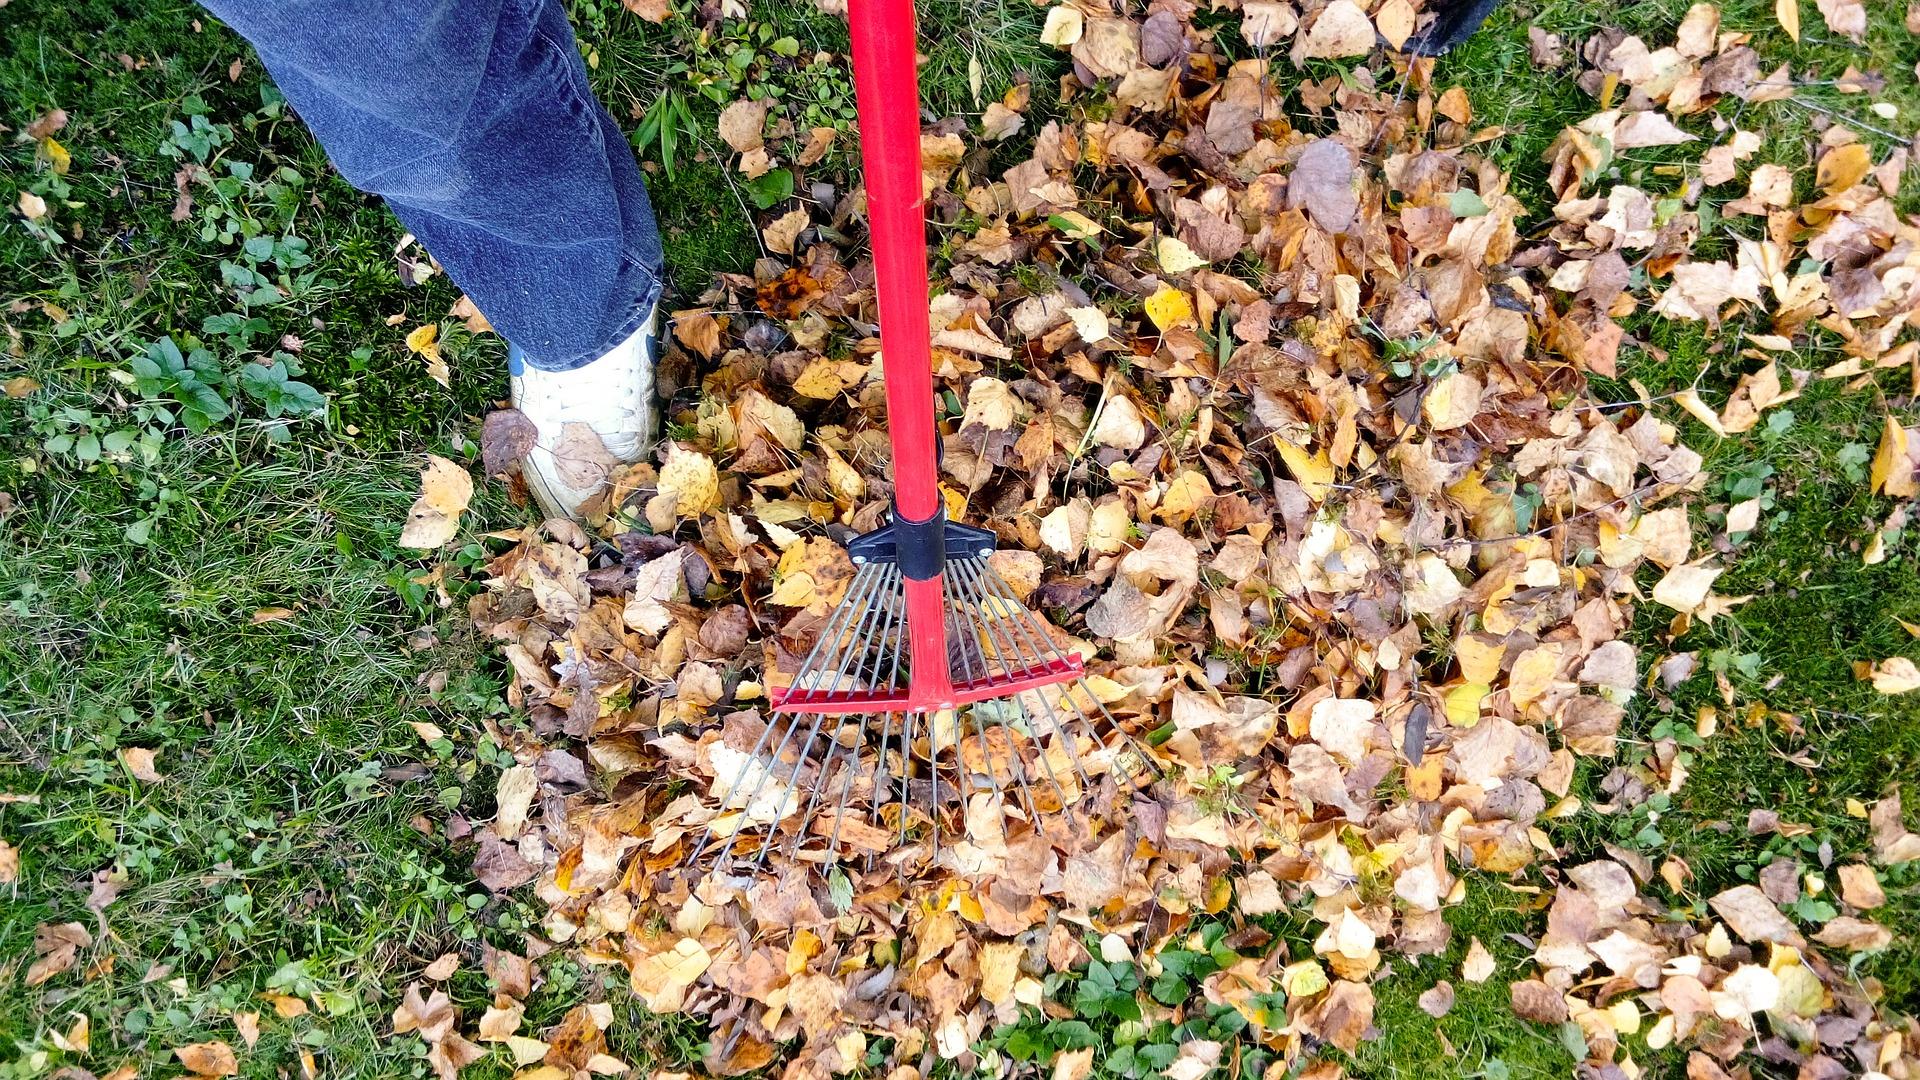 raking-2756006_1920_499242